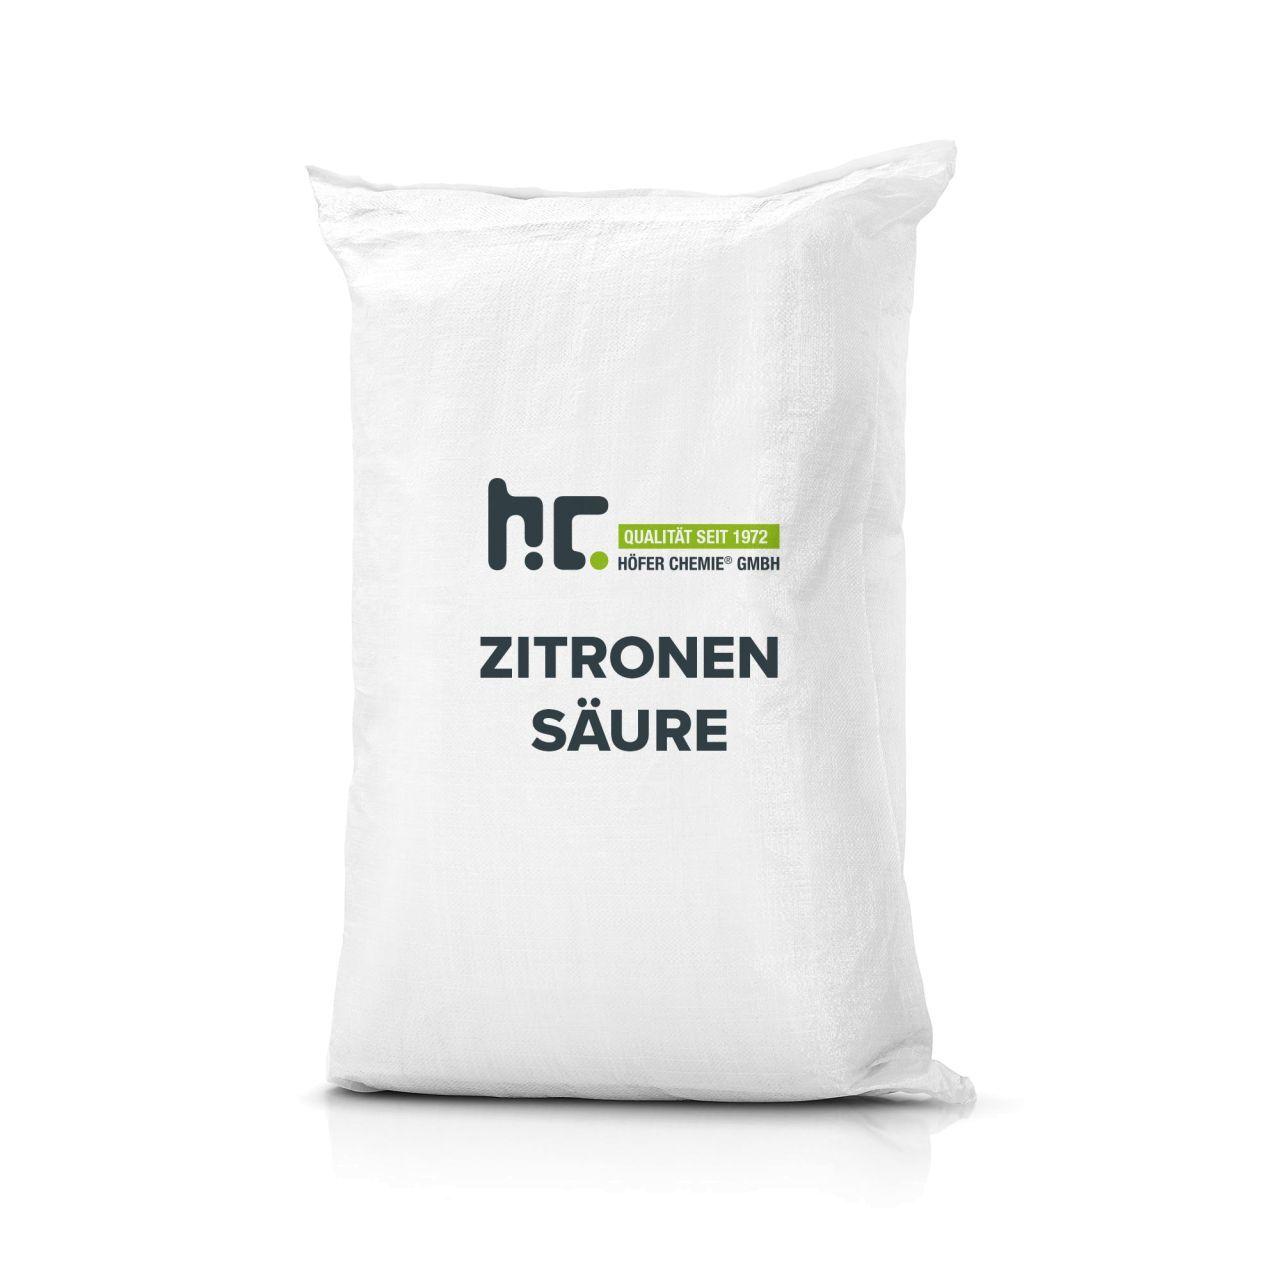 Höfer Chemie 25 kg Acide citrique (1 x 25 kg)